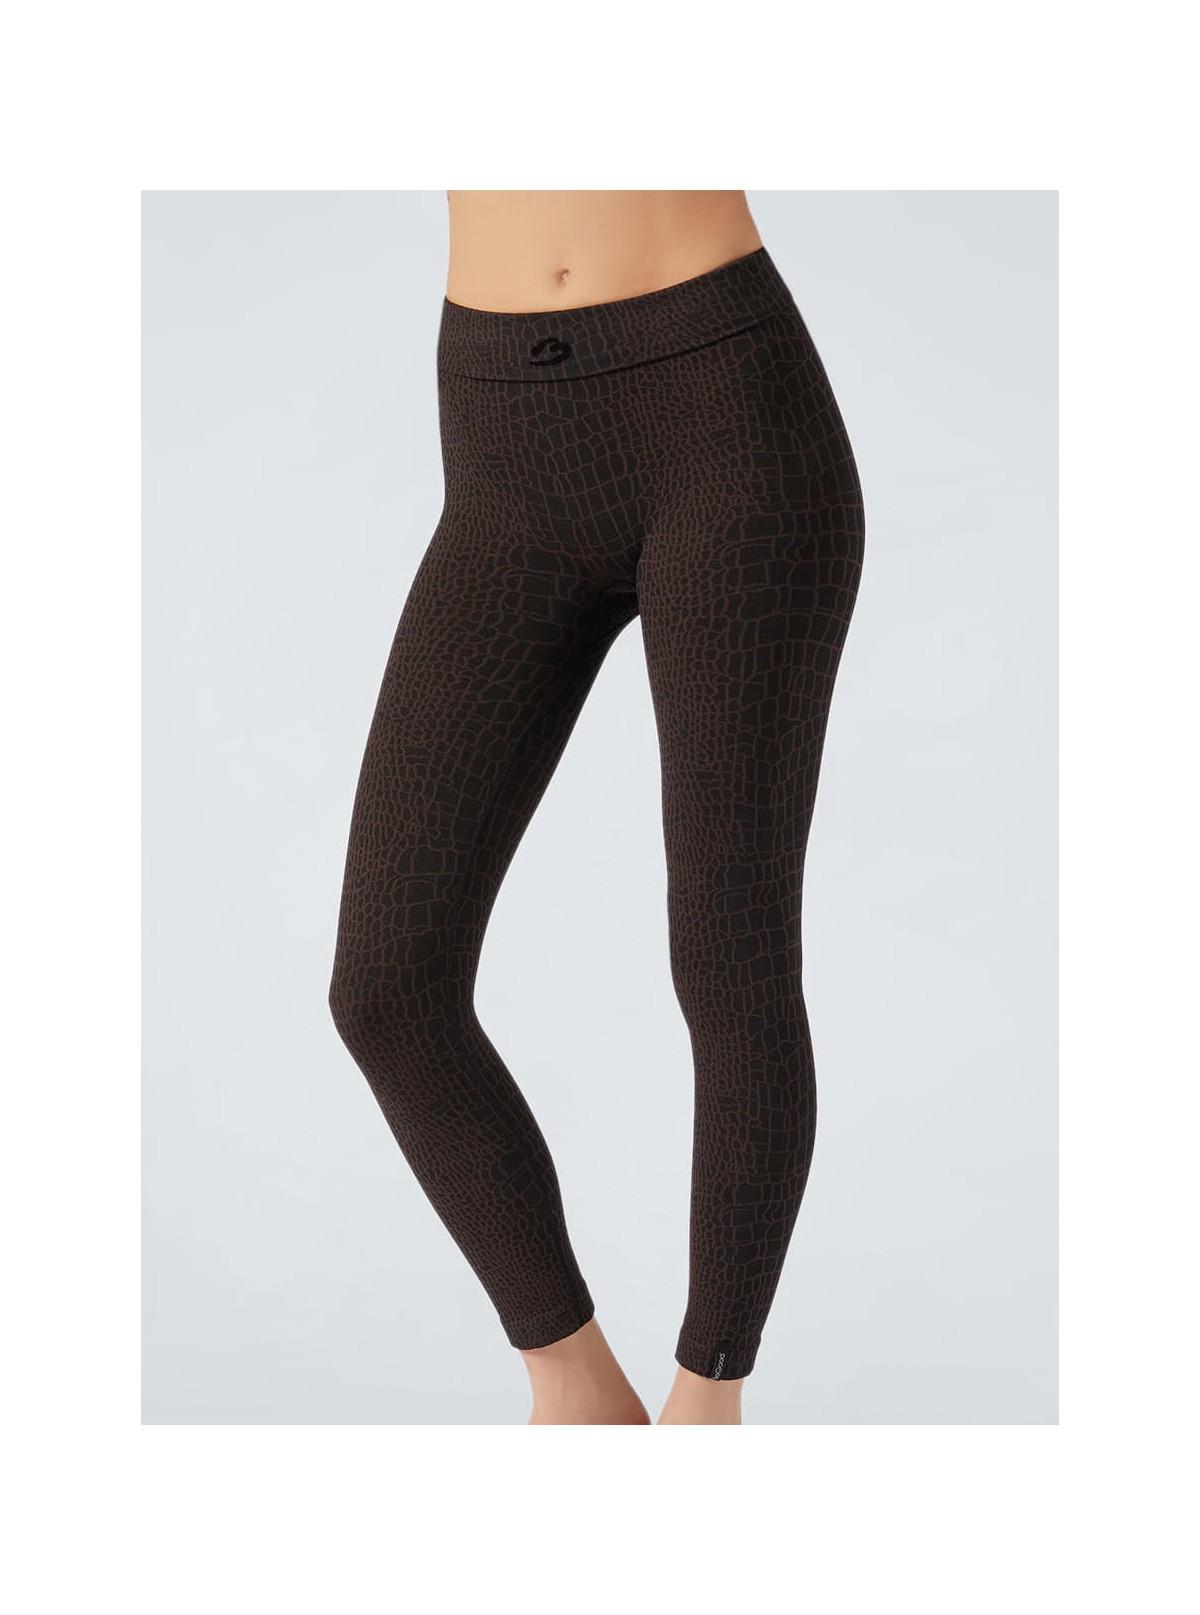 Legging Sport Animalier Coccodrillo nero-marrone idratante e snellente